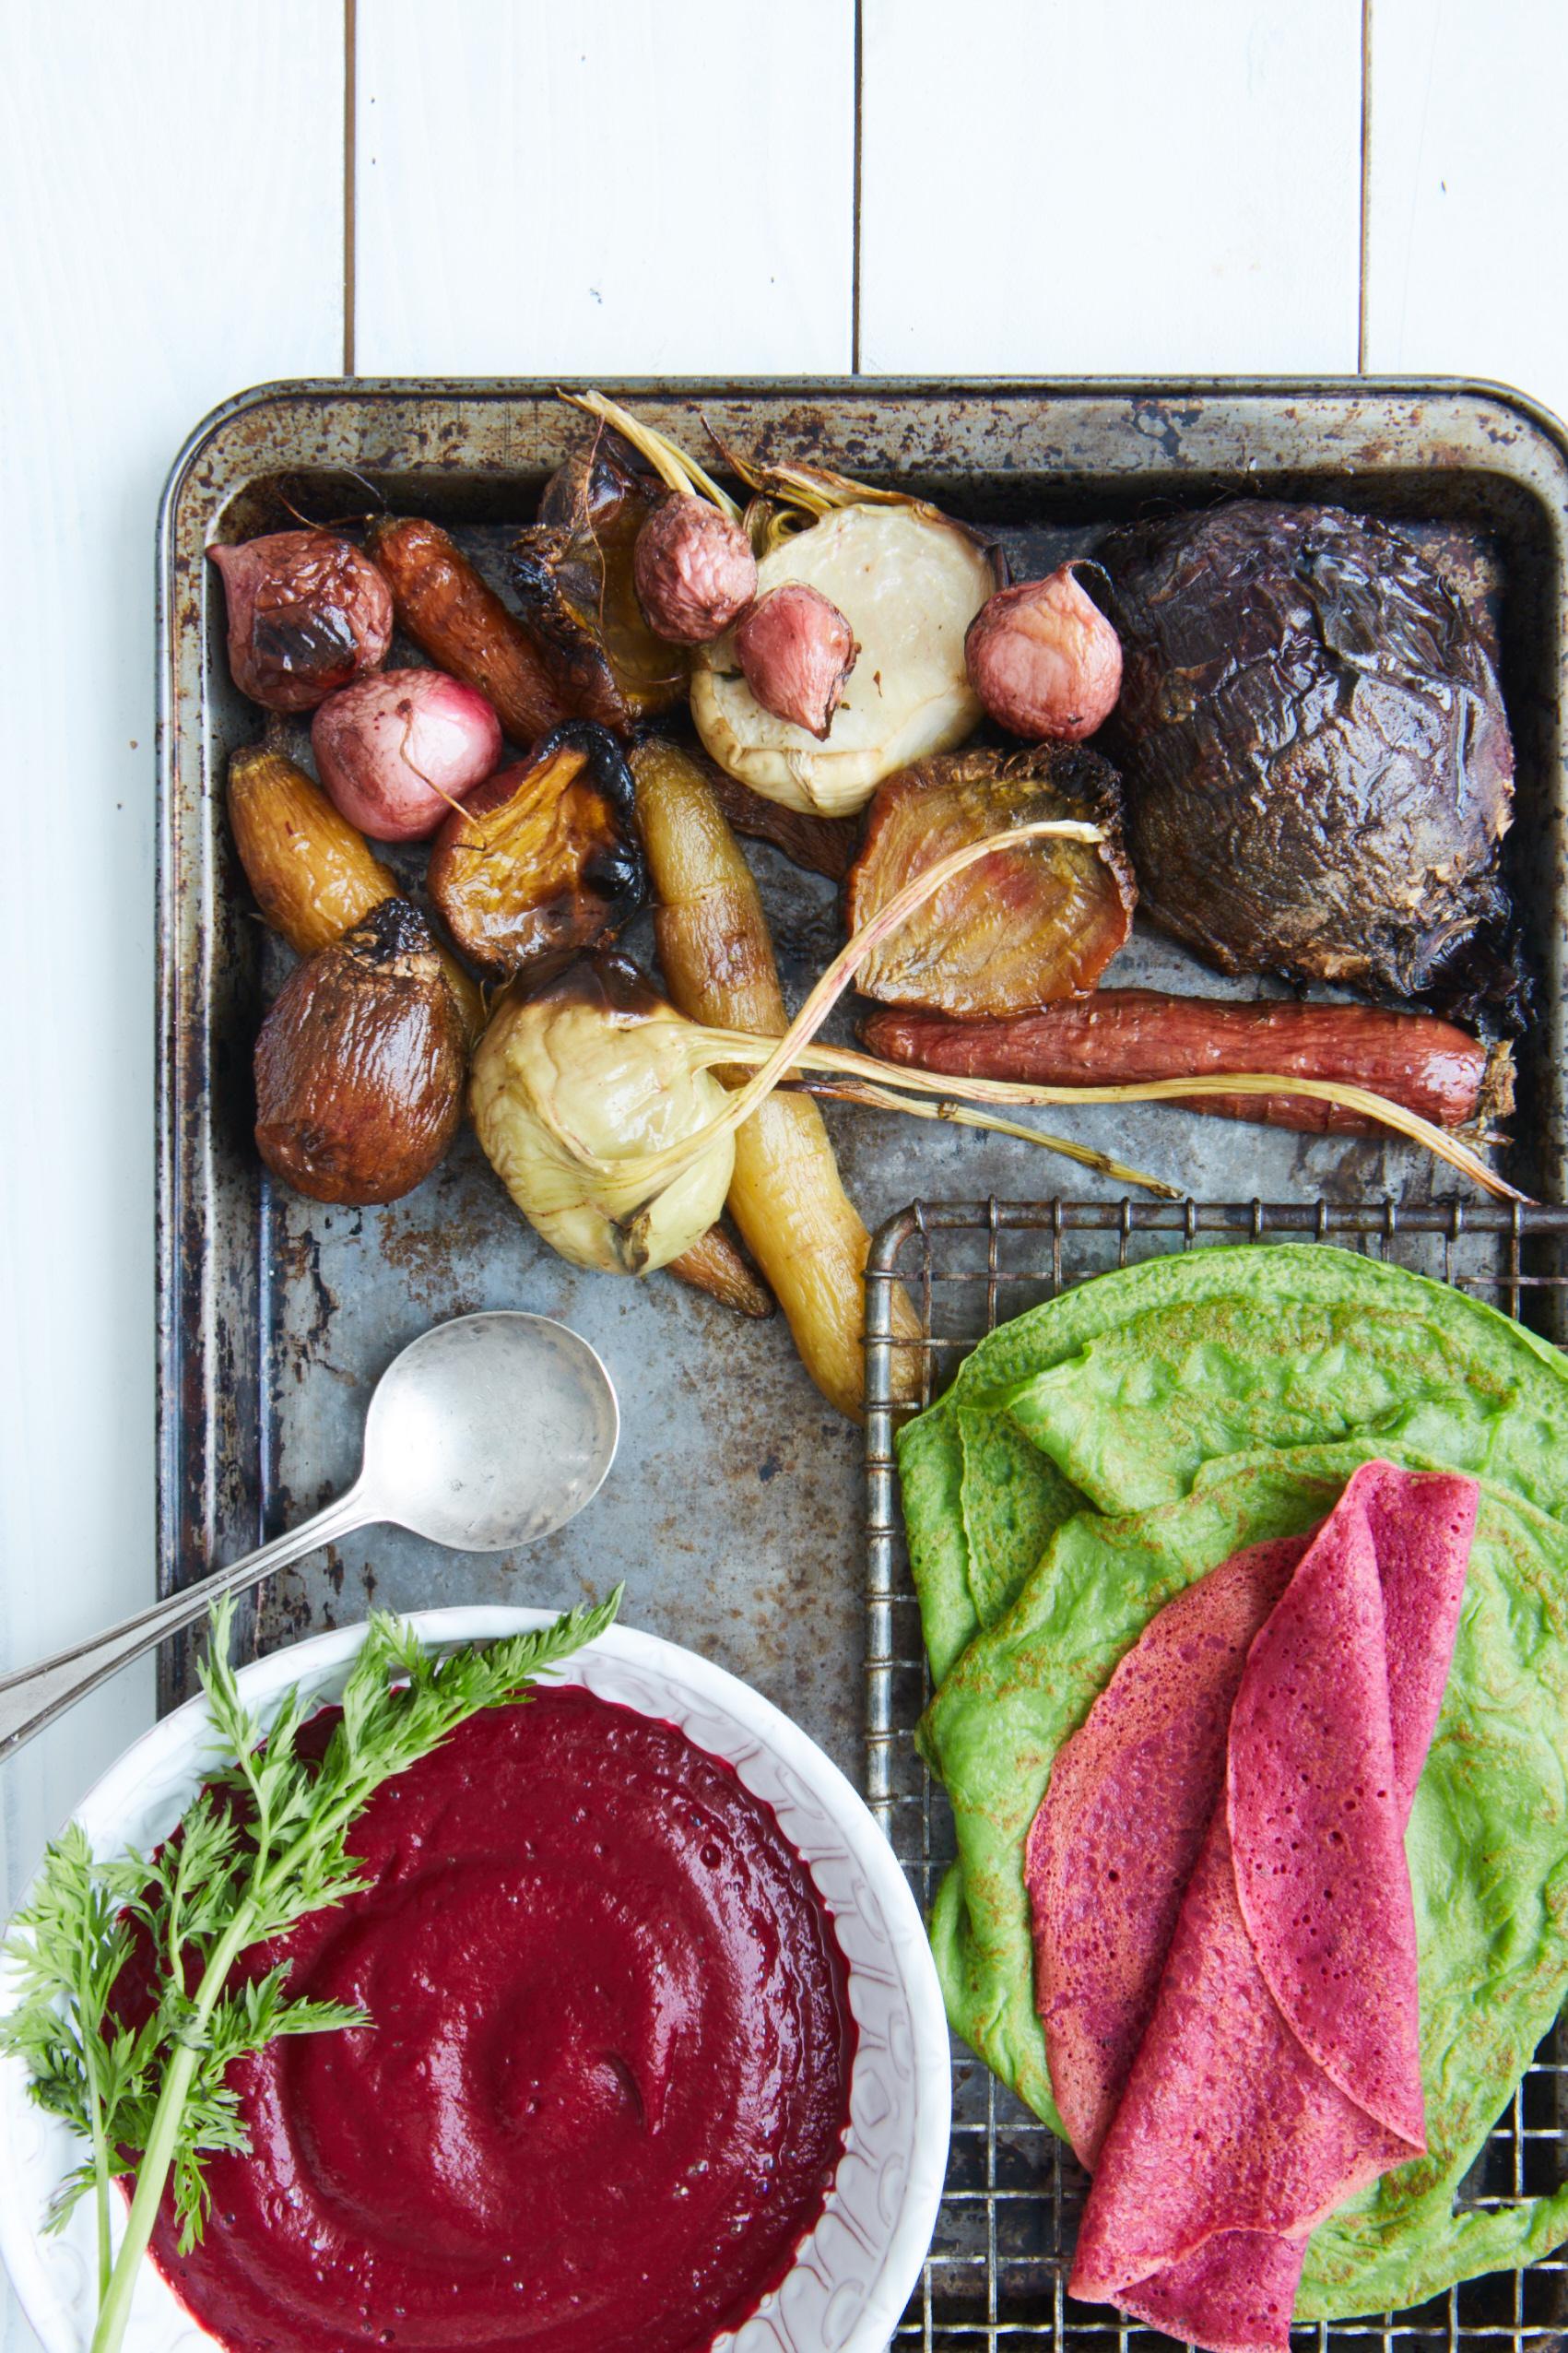 Les 7 vies des légumes grillés et moches